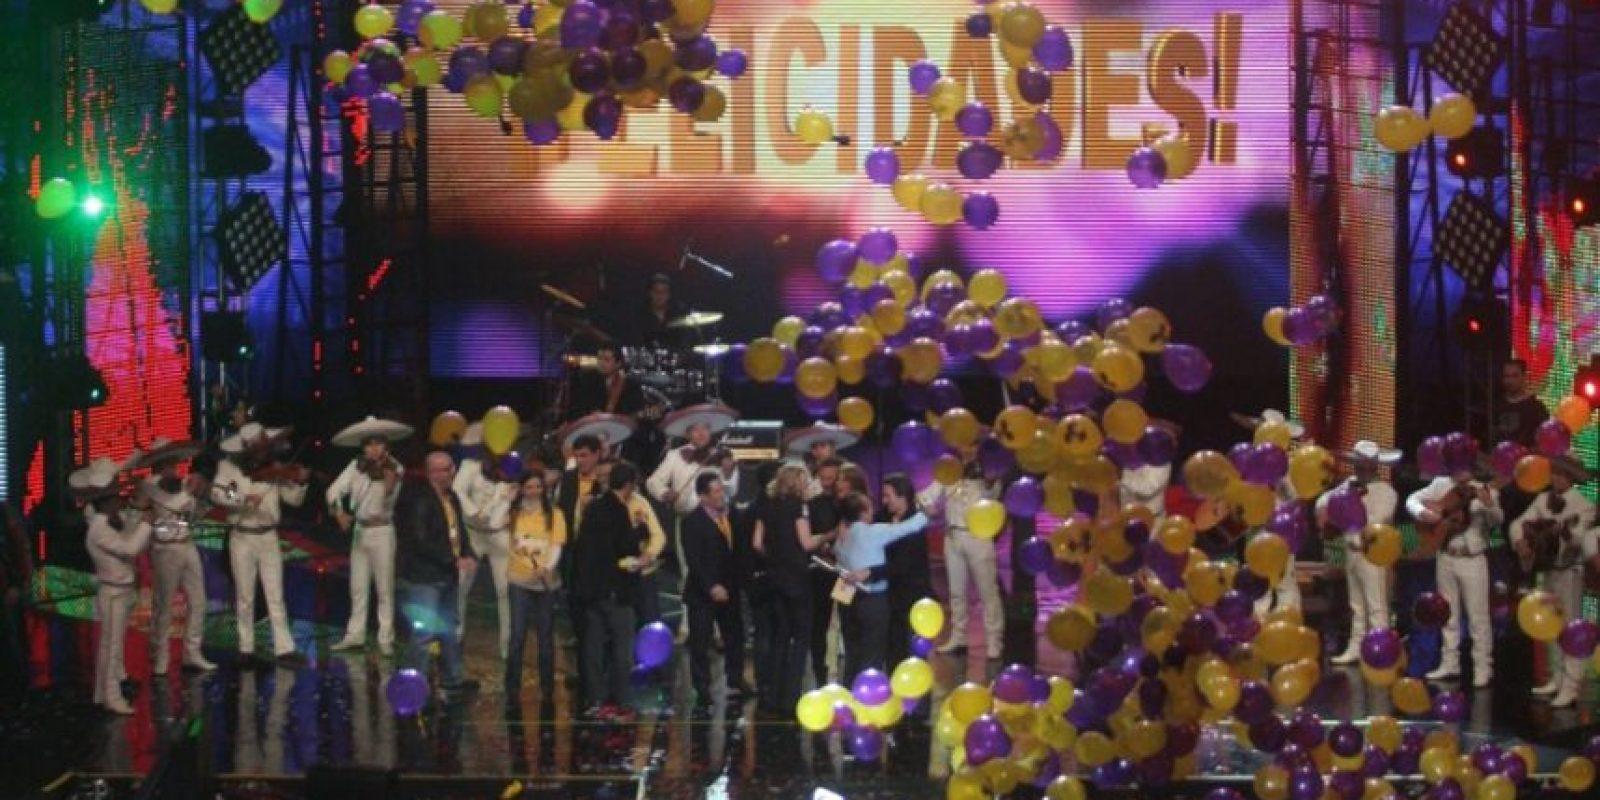 Foto:Celebración / Cuartoscuro